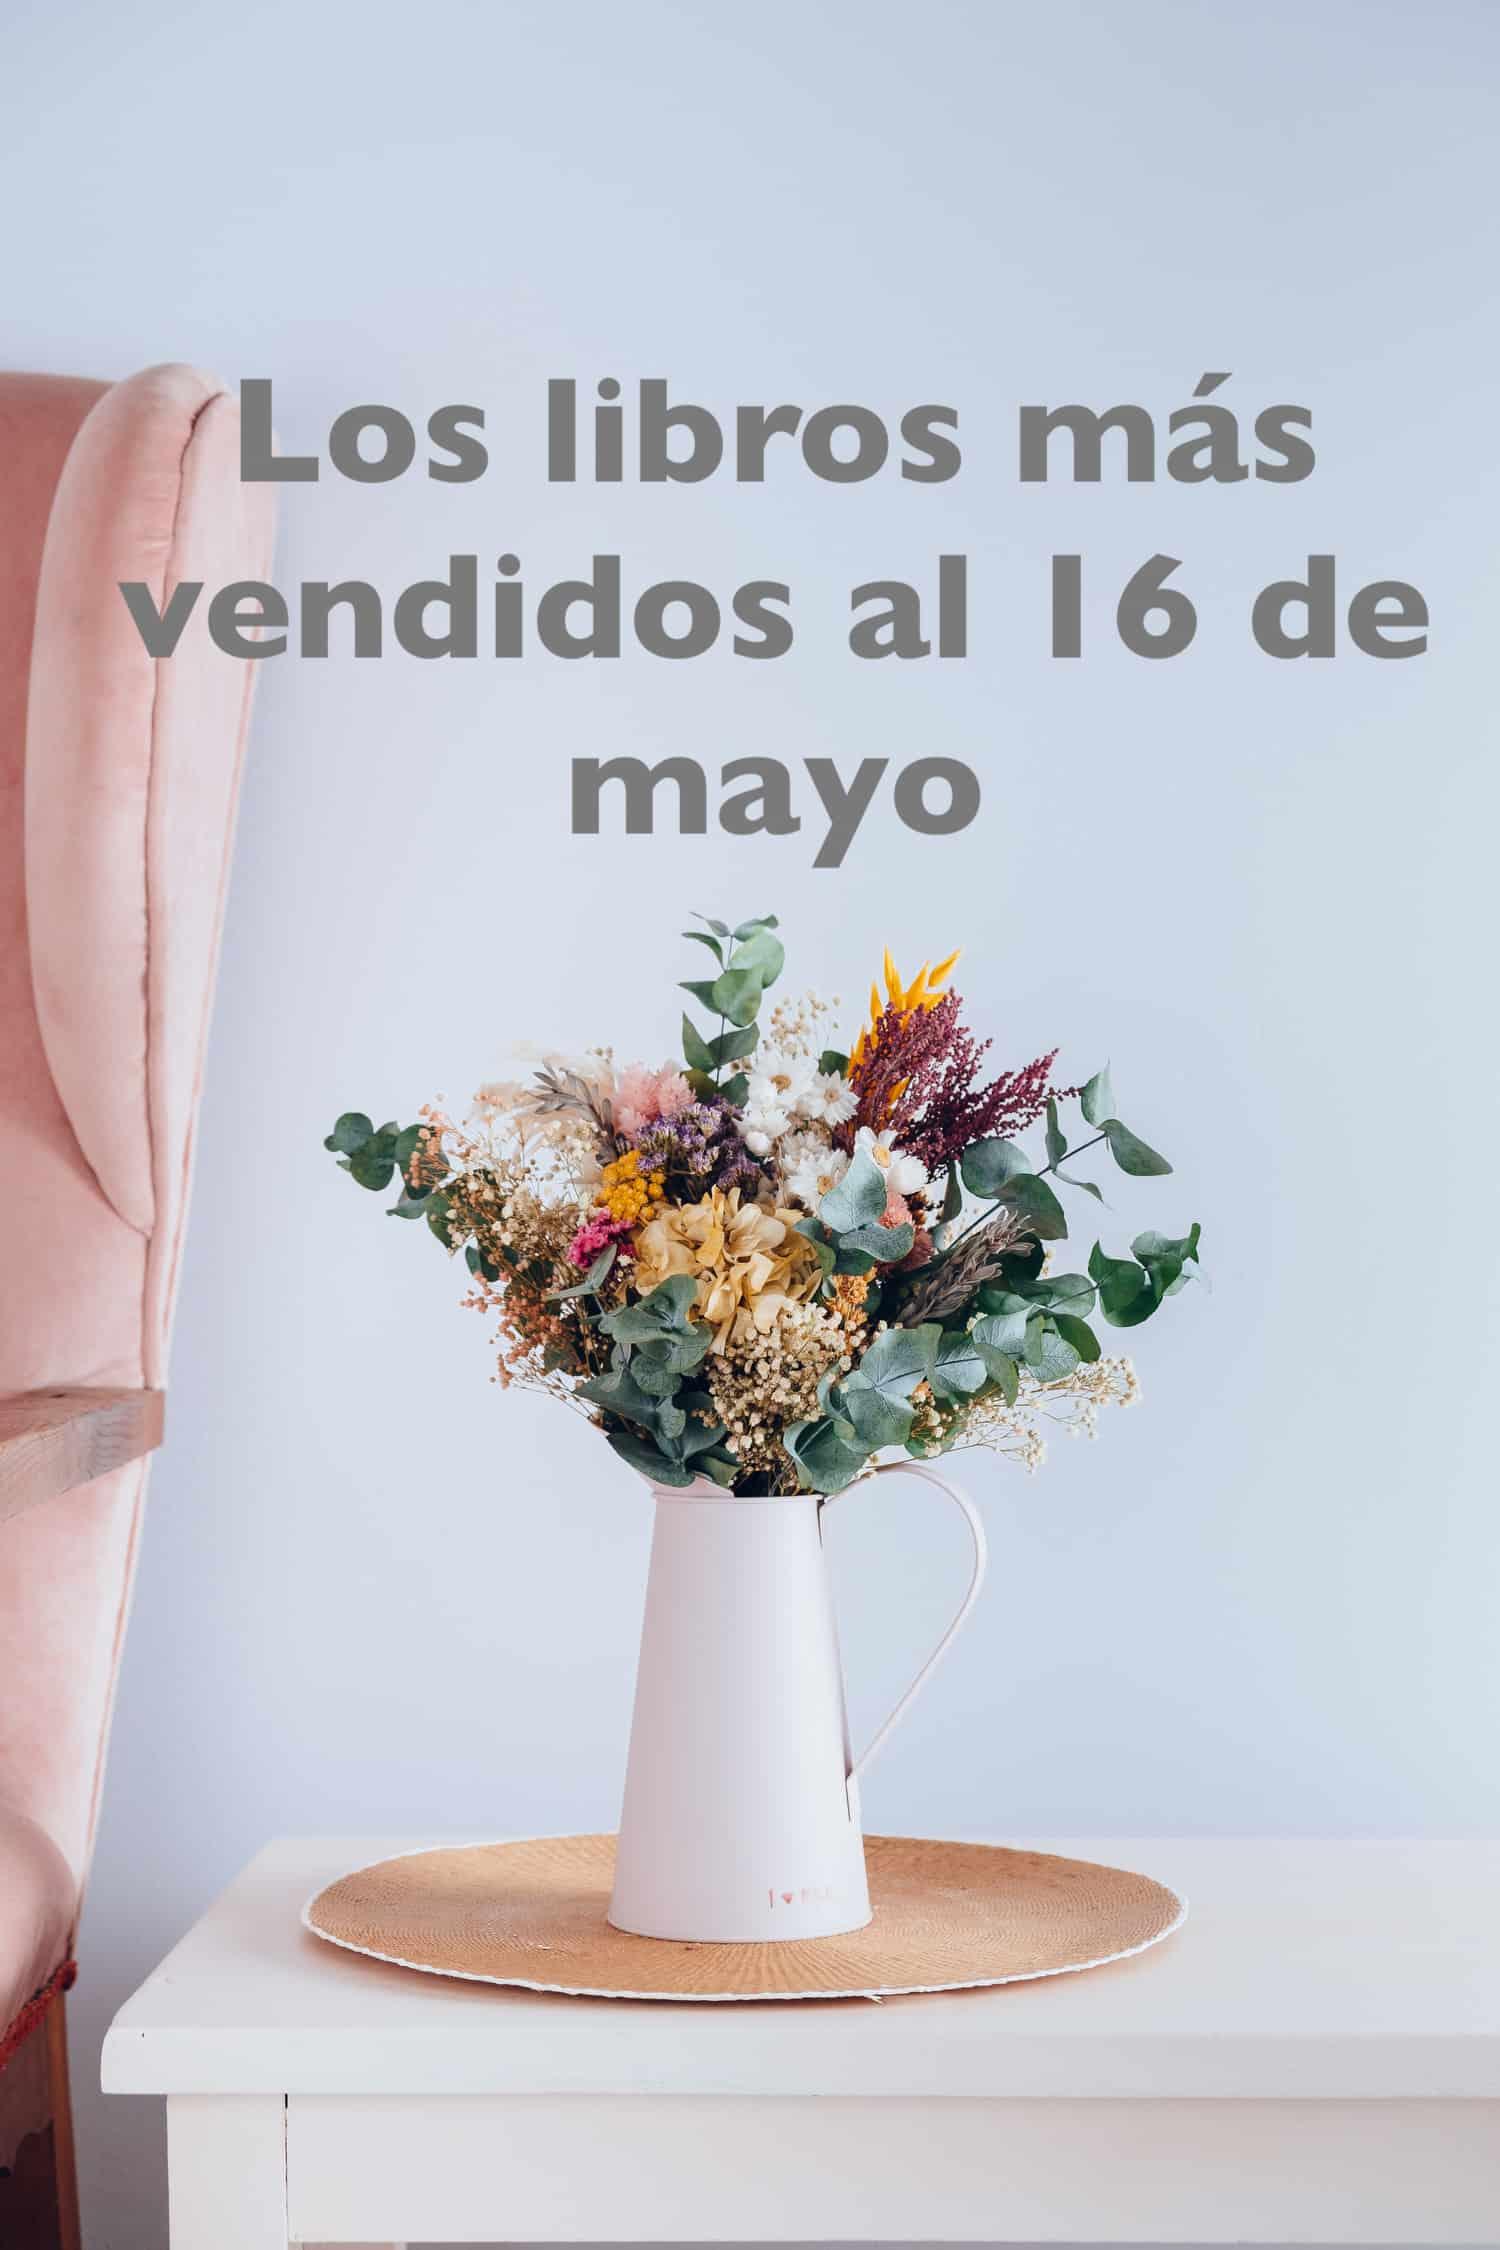 Los libros más vendidos al 16 de mayo